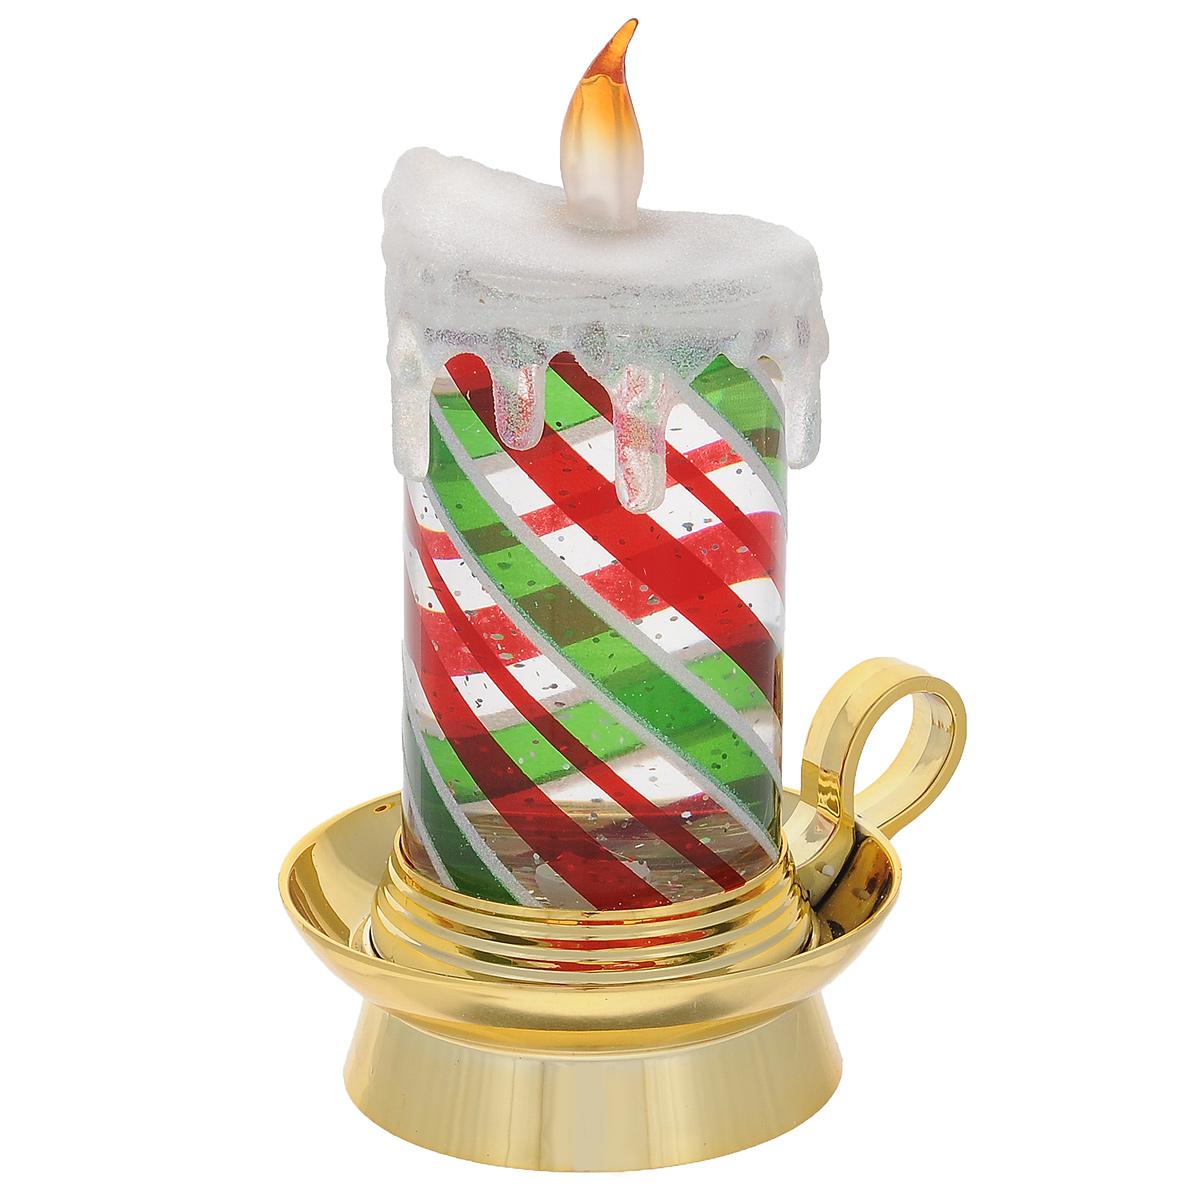 Фигурка декоративная Свеча водяная, с подсветкой. 77008 фигурка декоративная свеча водяная с подсветкой 77008